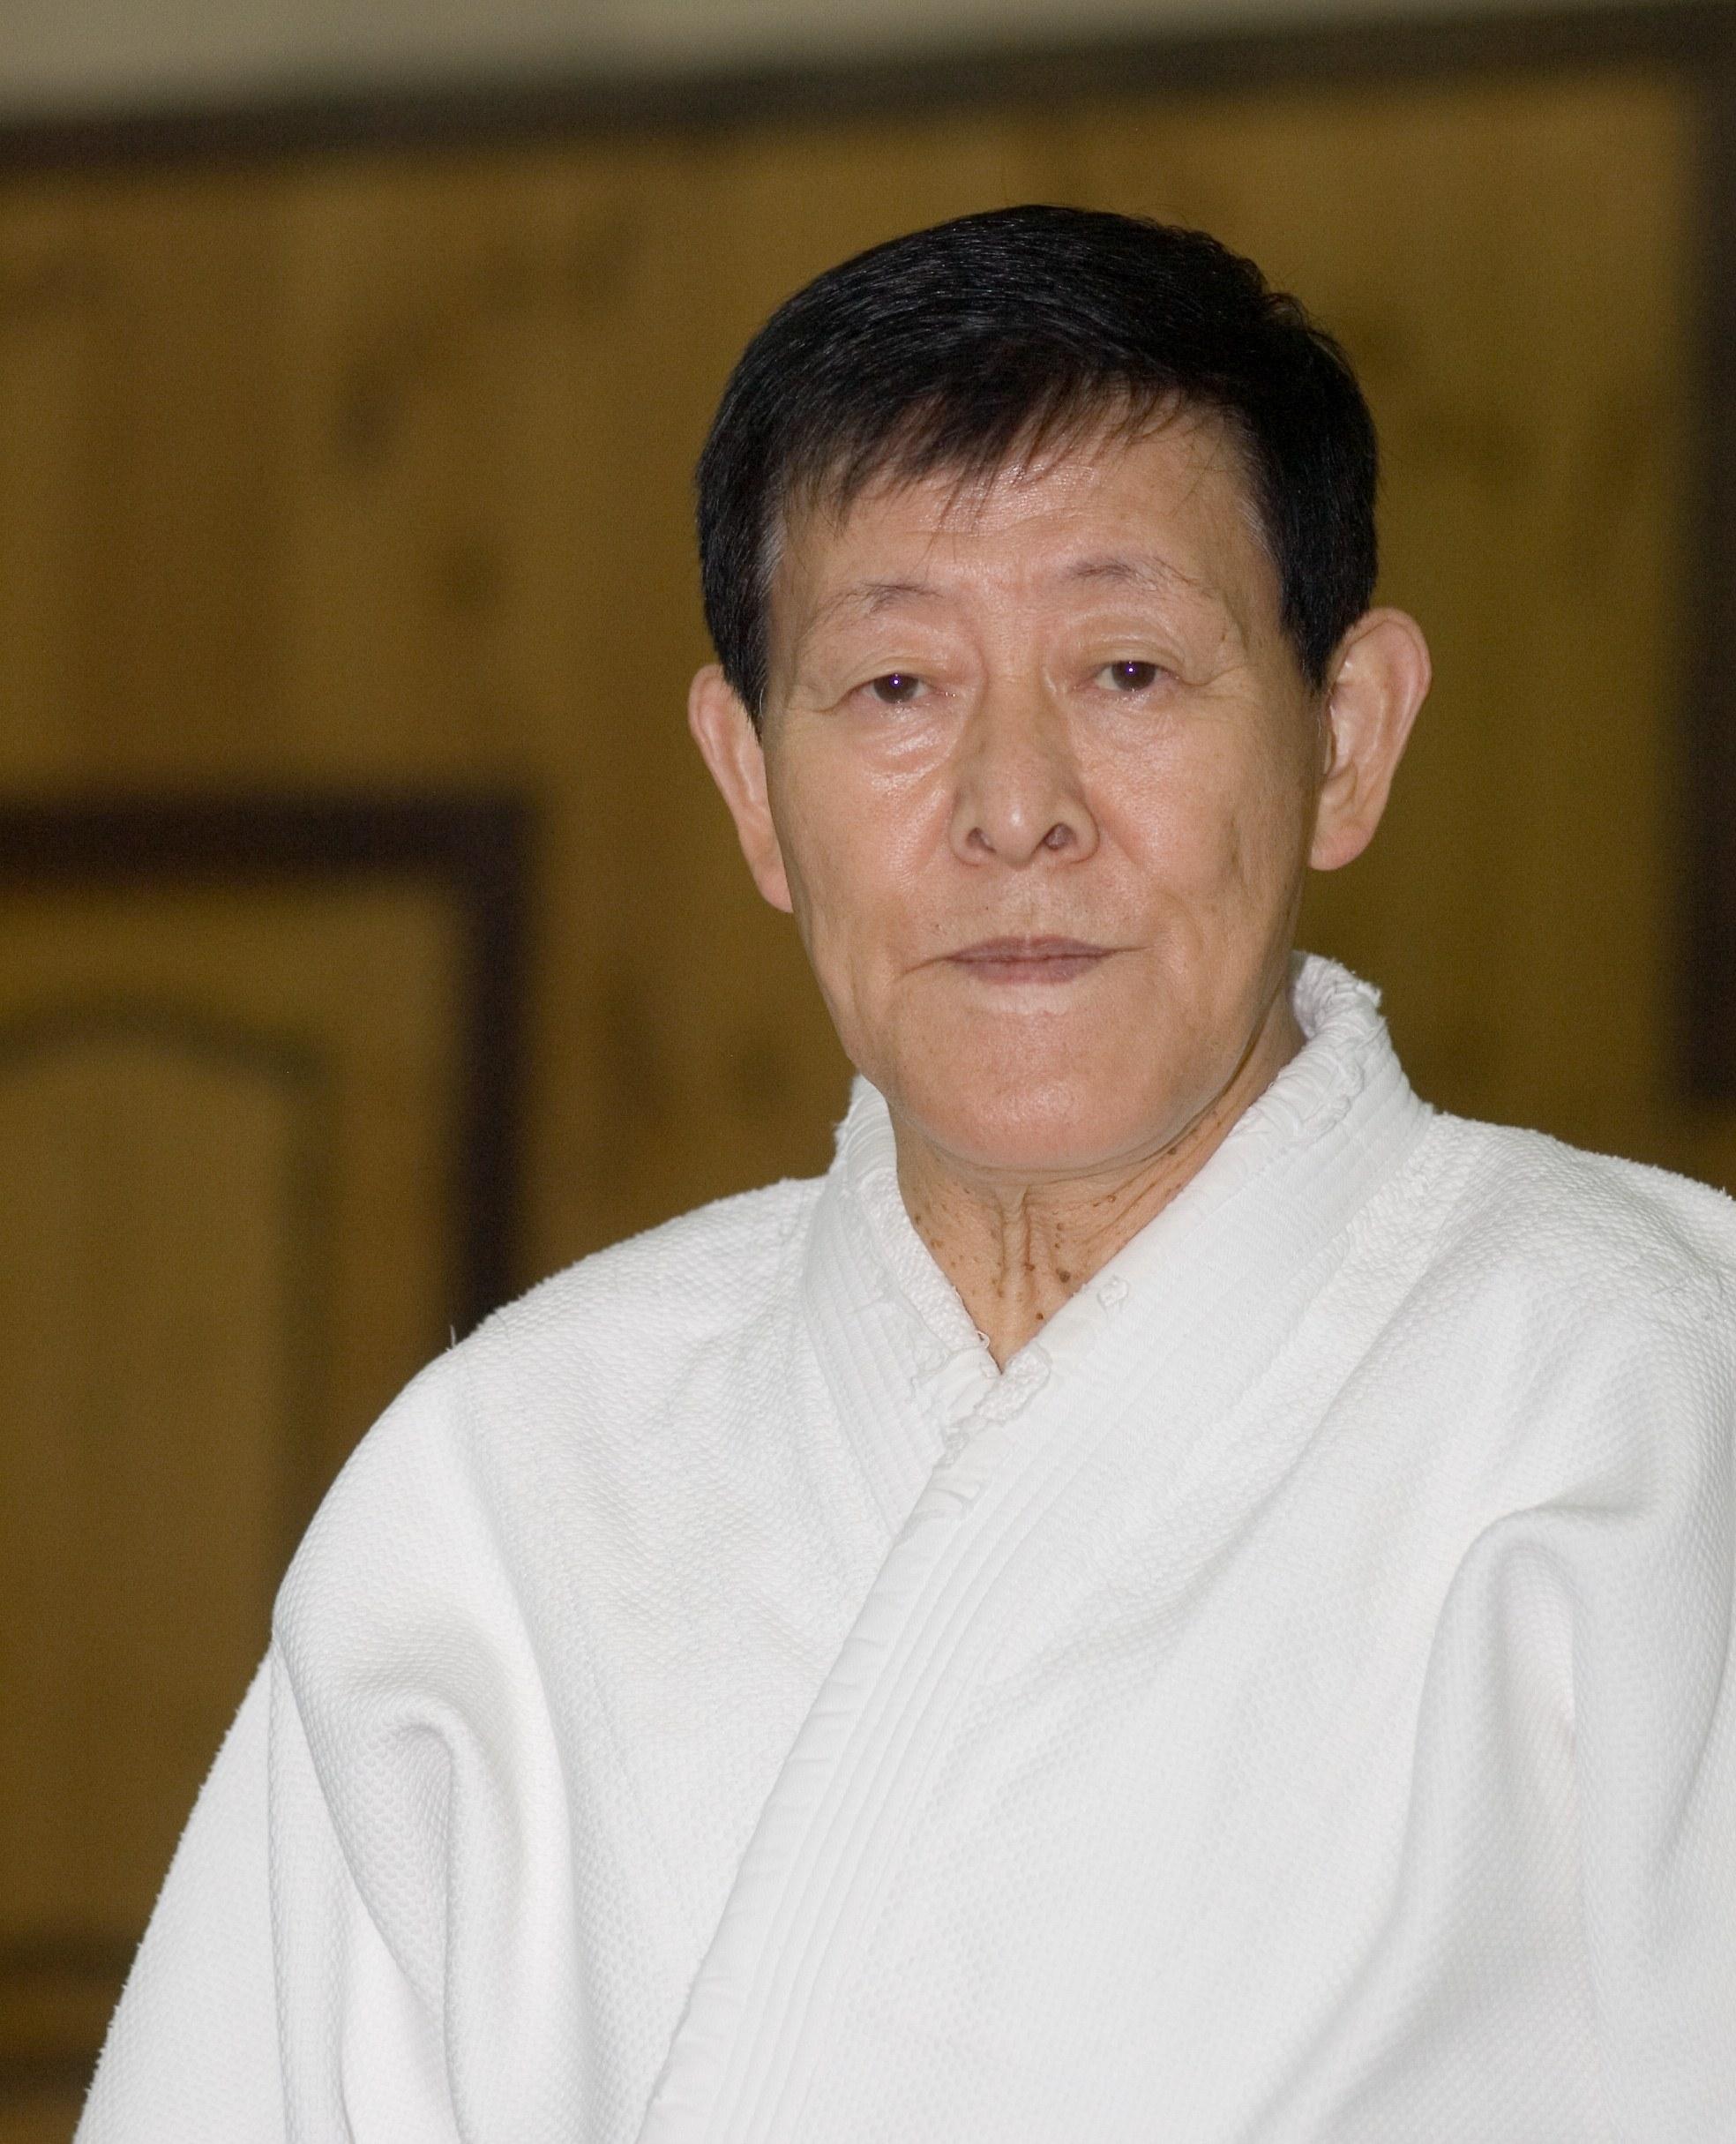 Kyoichi_Inoue_Hanshi_9th_dan_Yoshinkan_aikido